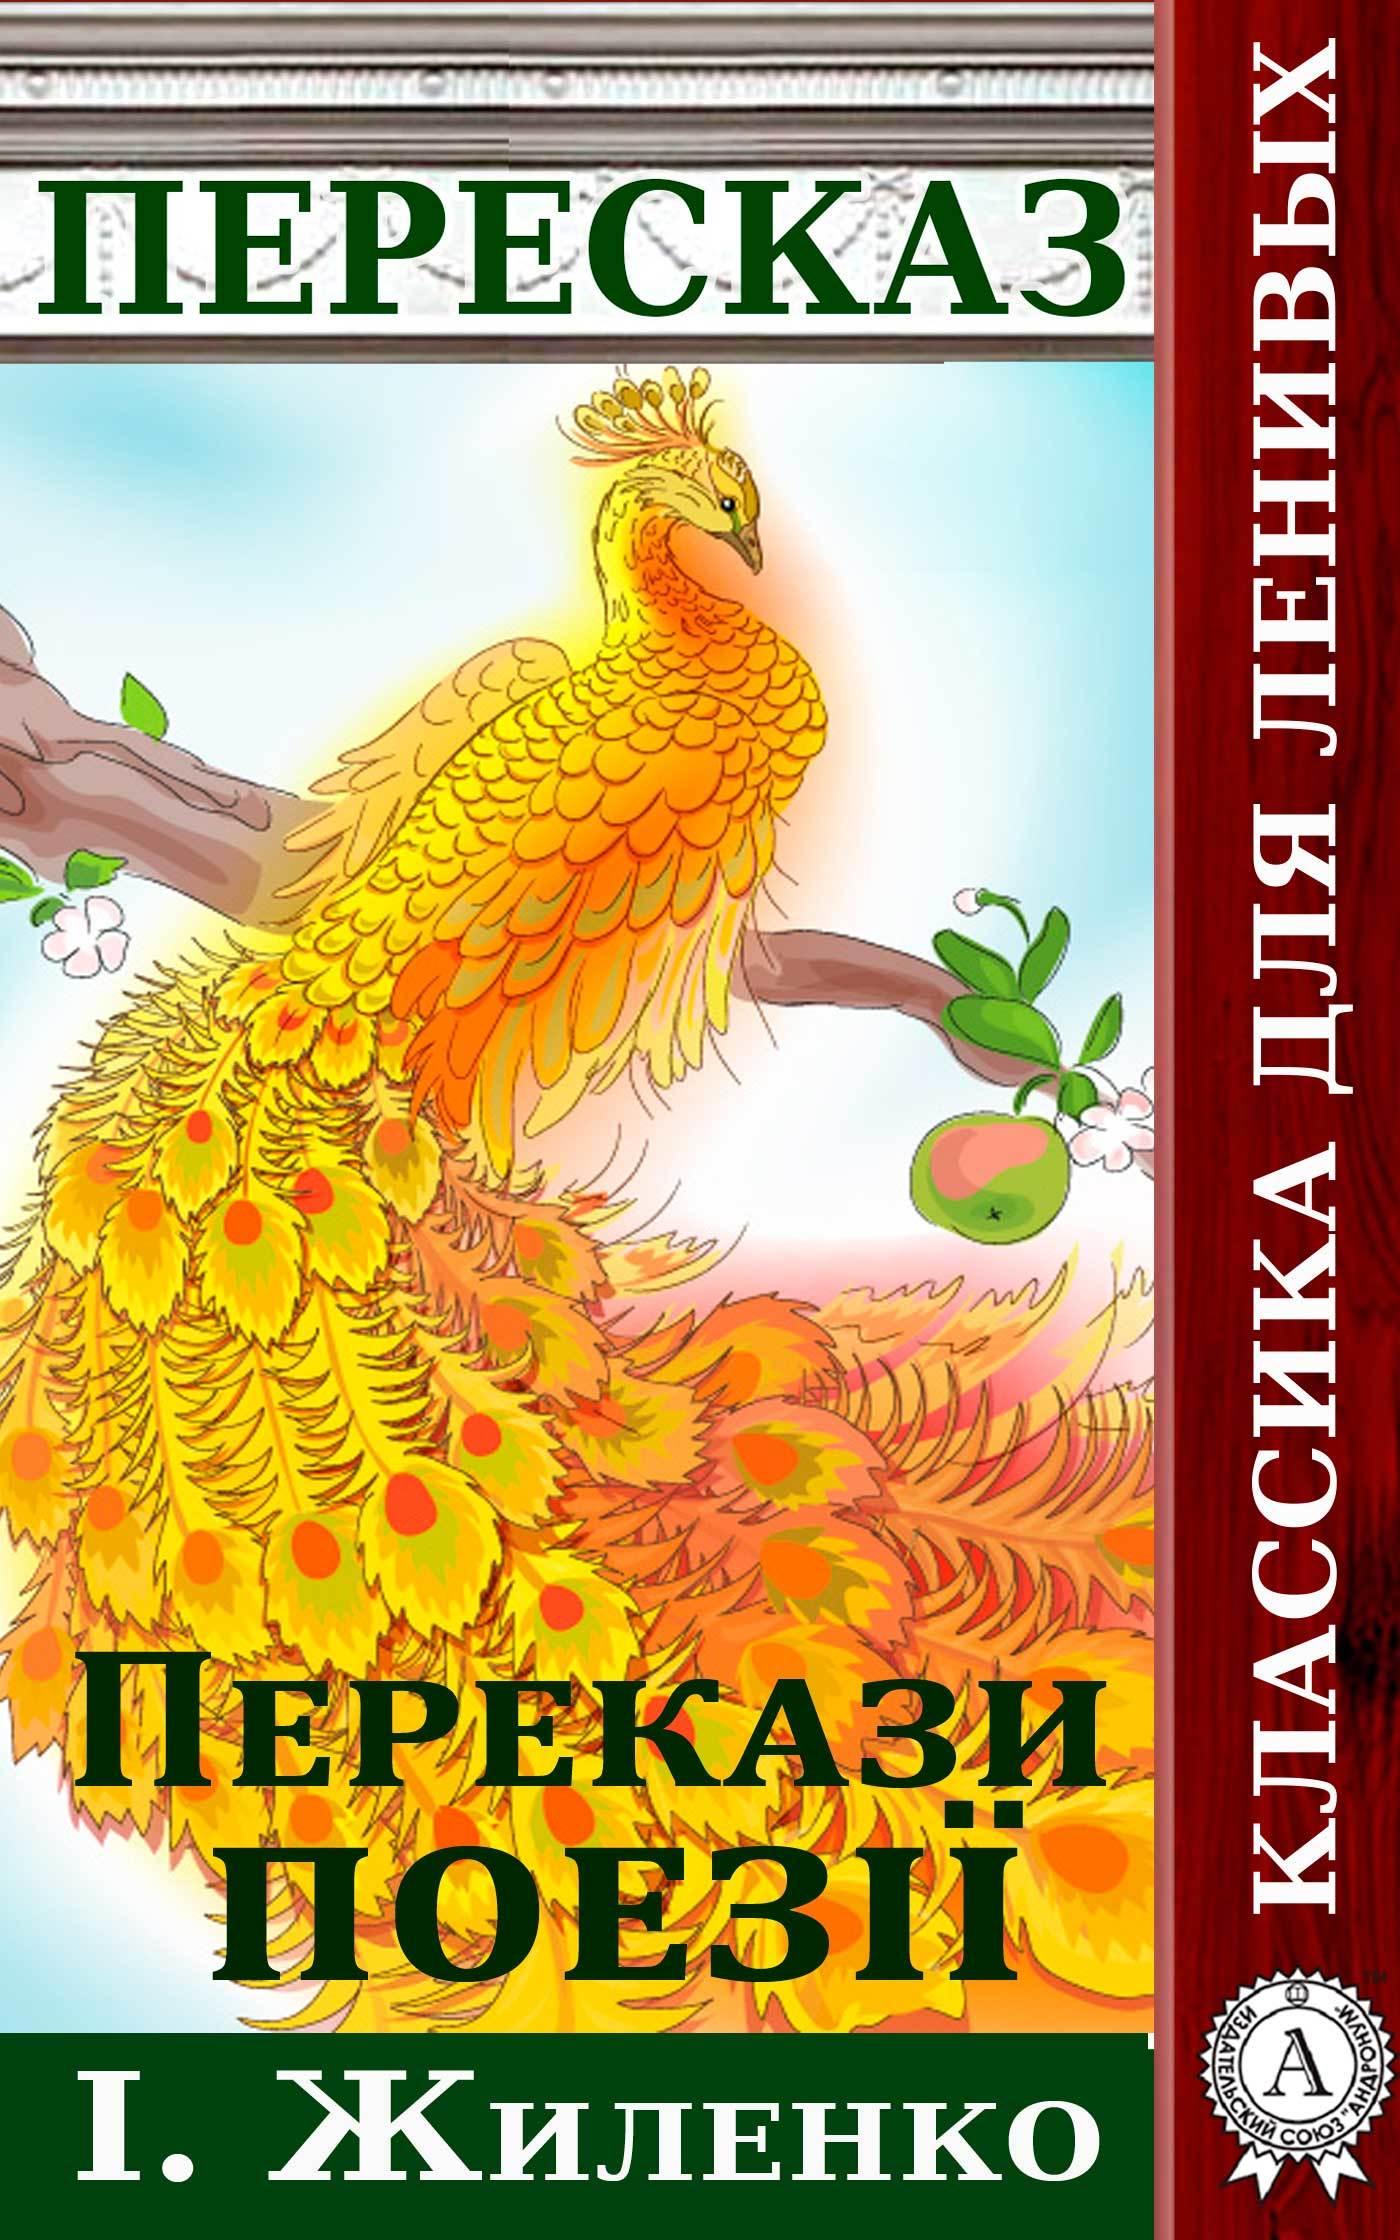 Віктор Гармаш Перекази поезії І. Жиленко стівен р кові спершу найважливіше жити любити вчитися залишити слід